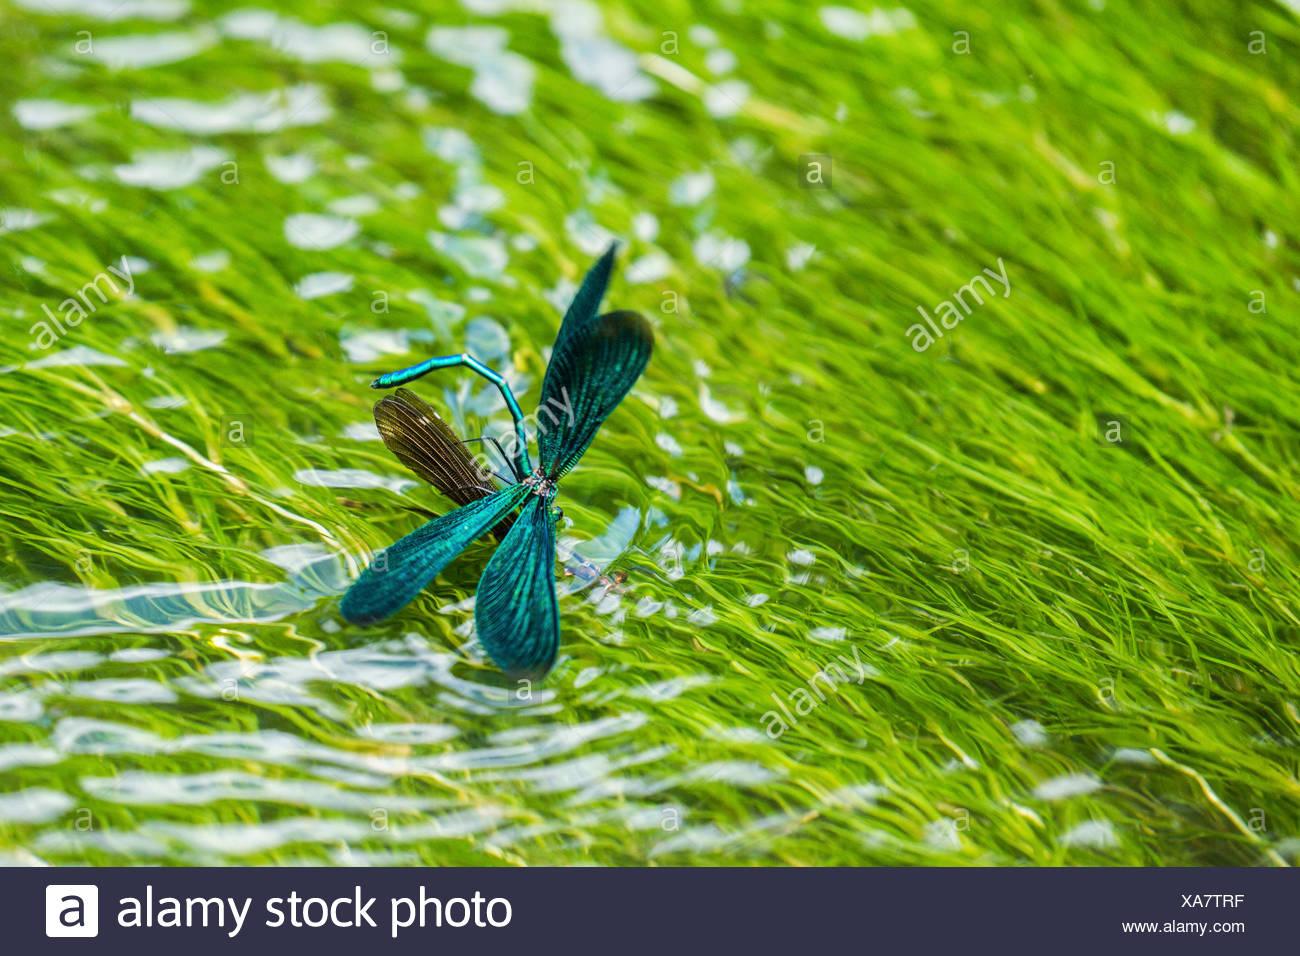 Blaufluegel-Prachtlibelle, Blaufluegelprachtlibelle (Calopteryx Virgo), Weibchen Bei der Eiablage, Bewacht von Aufsitzendem Maen Stockbild